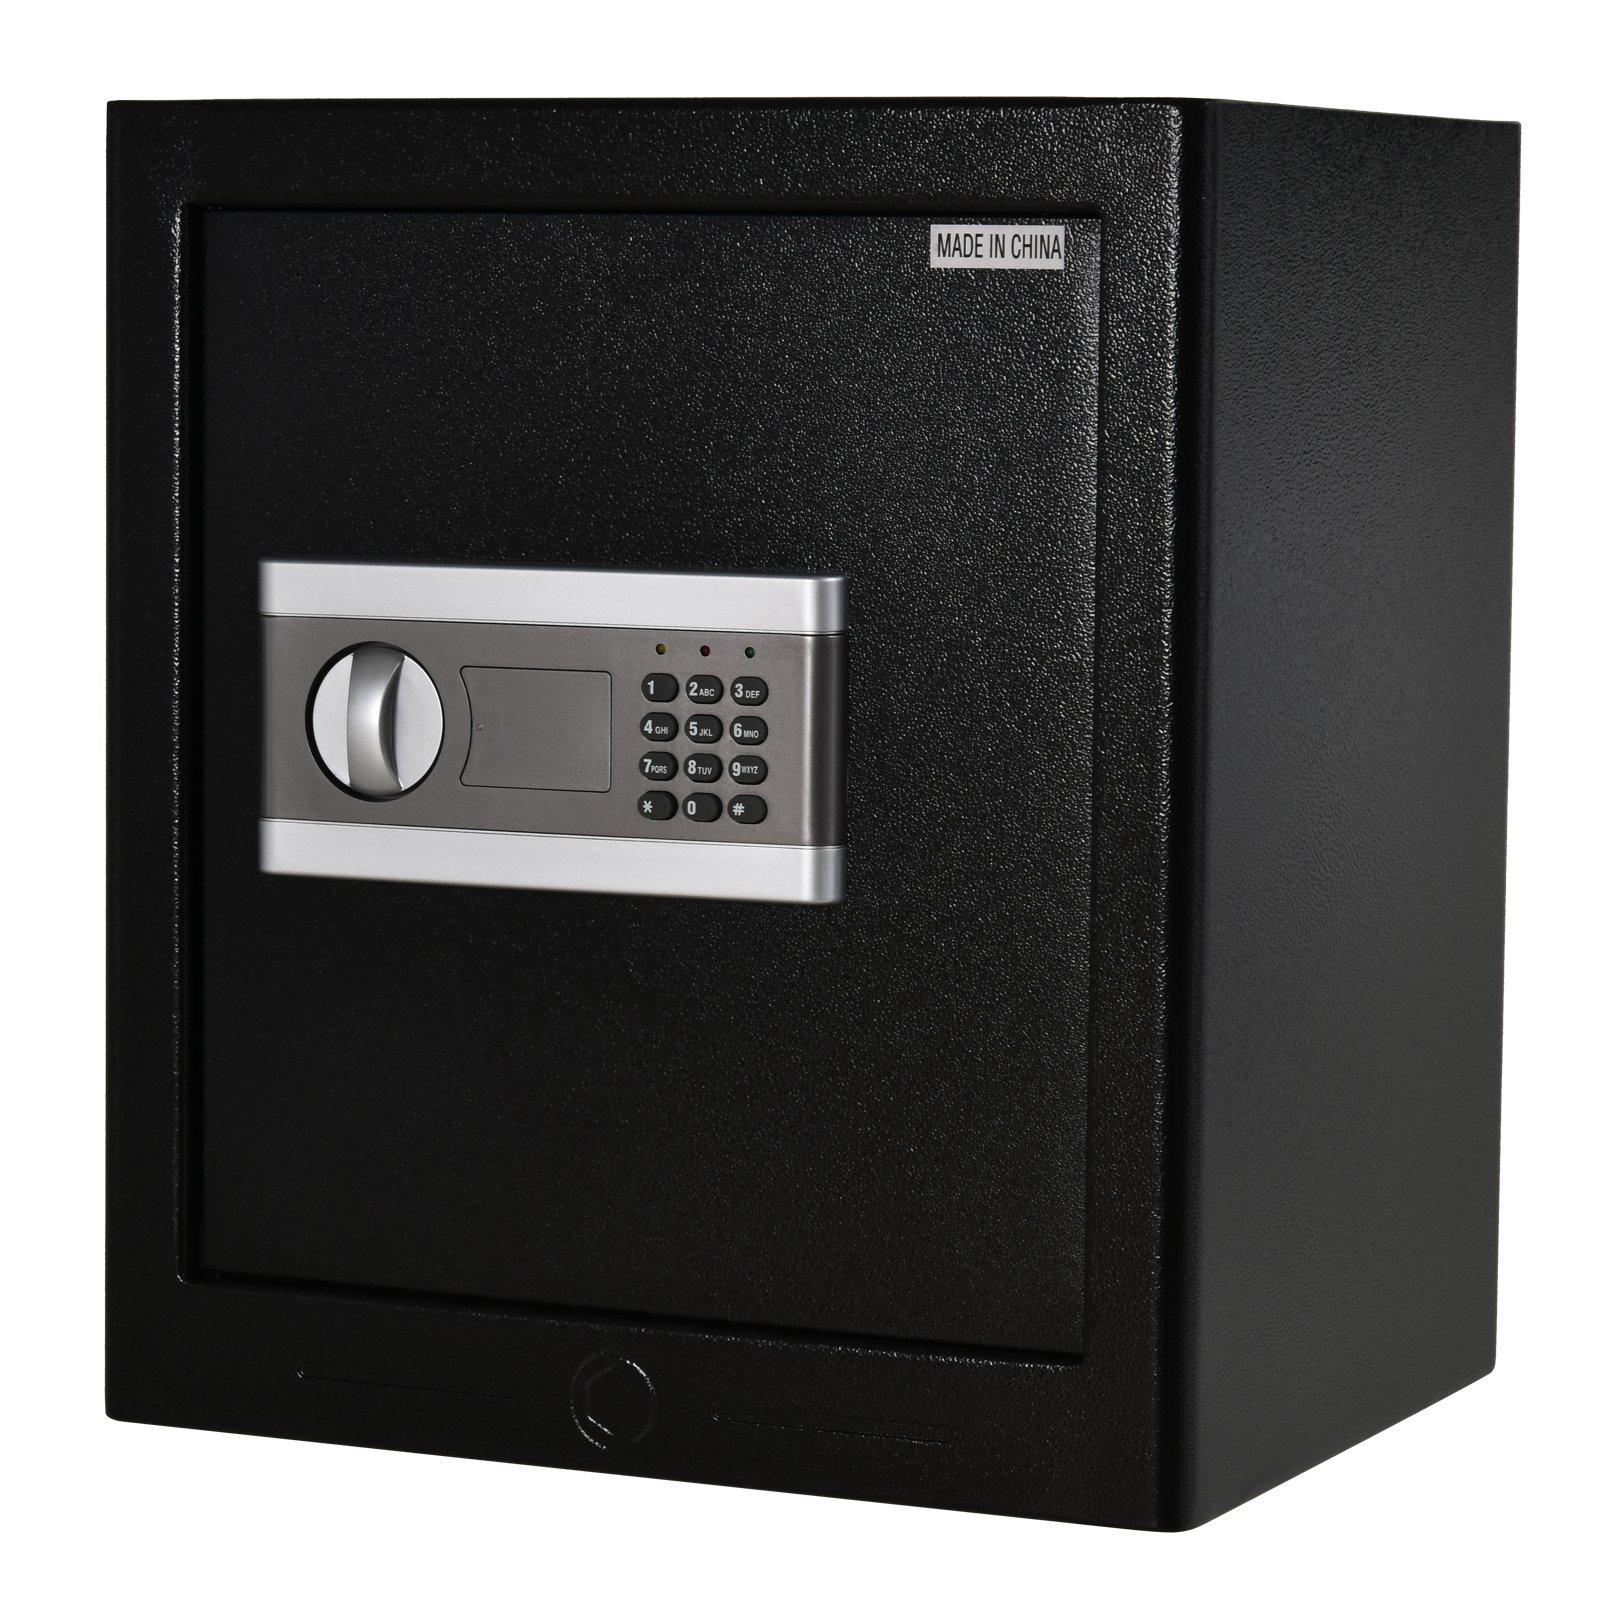 Homcom Seif in otel negru cu Inchidere Electronica si 2 Coduri PIN 38L x 31P x 42.7Hcm imagine aosom.ro